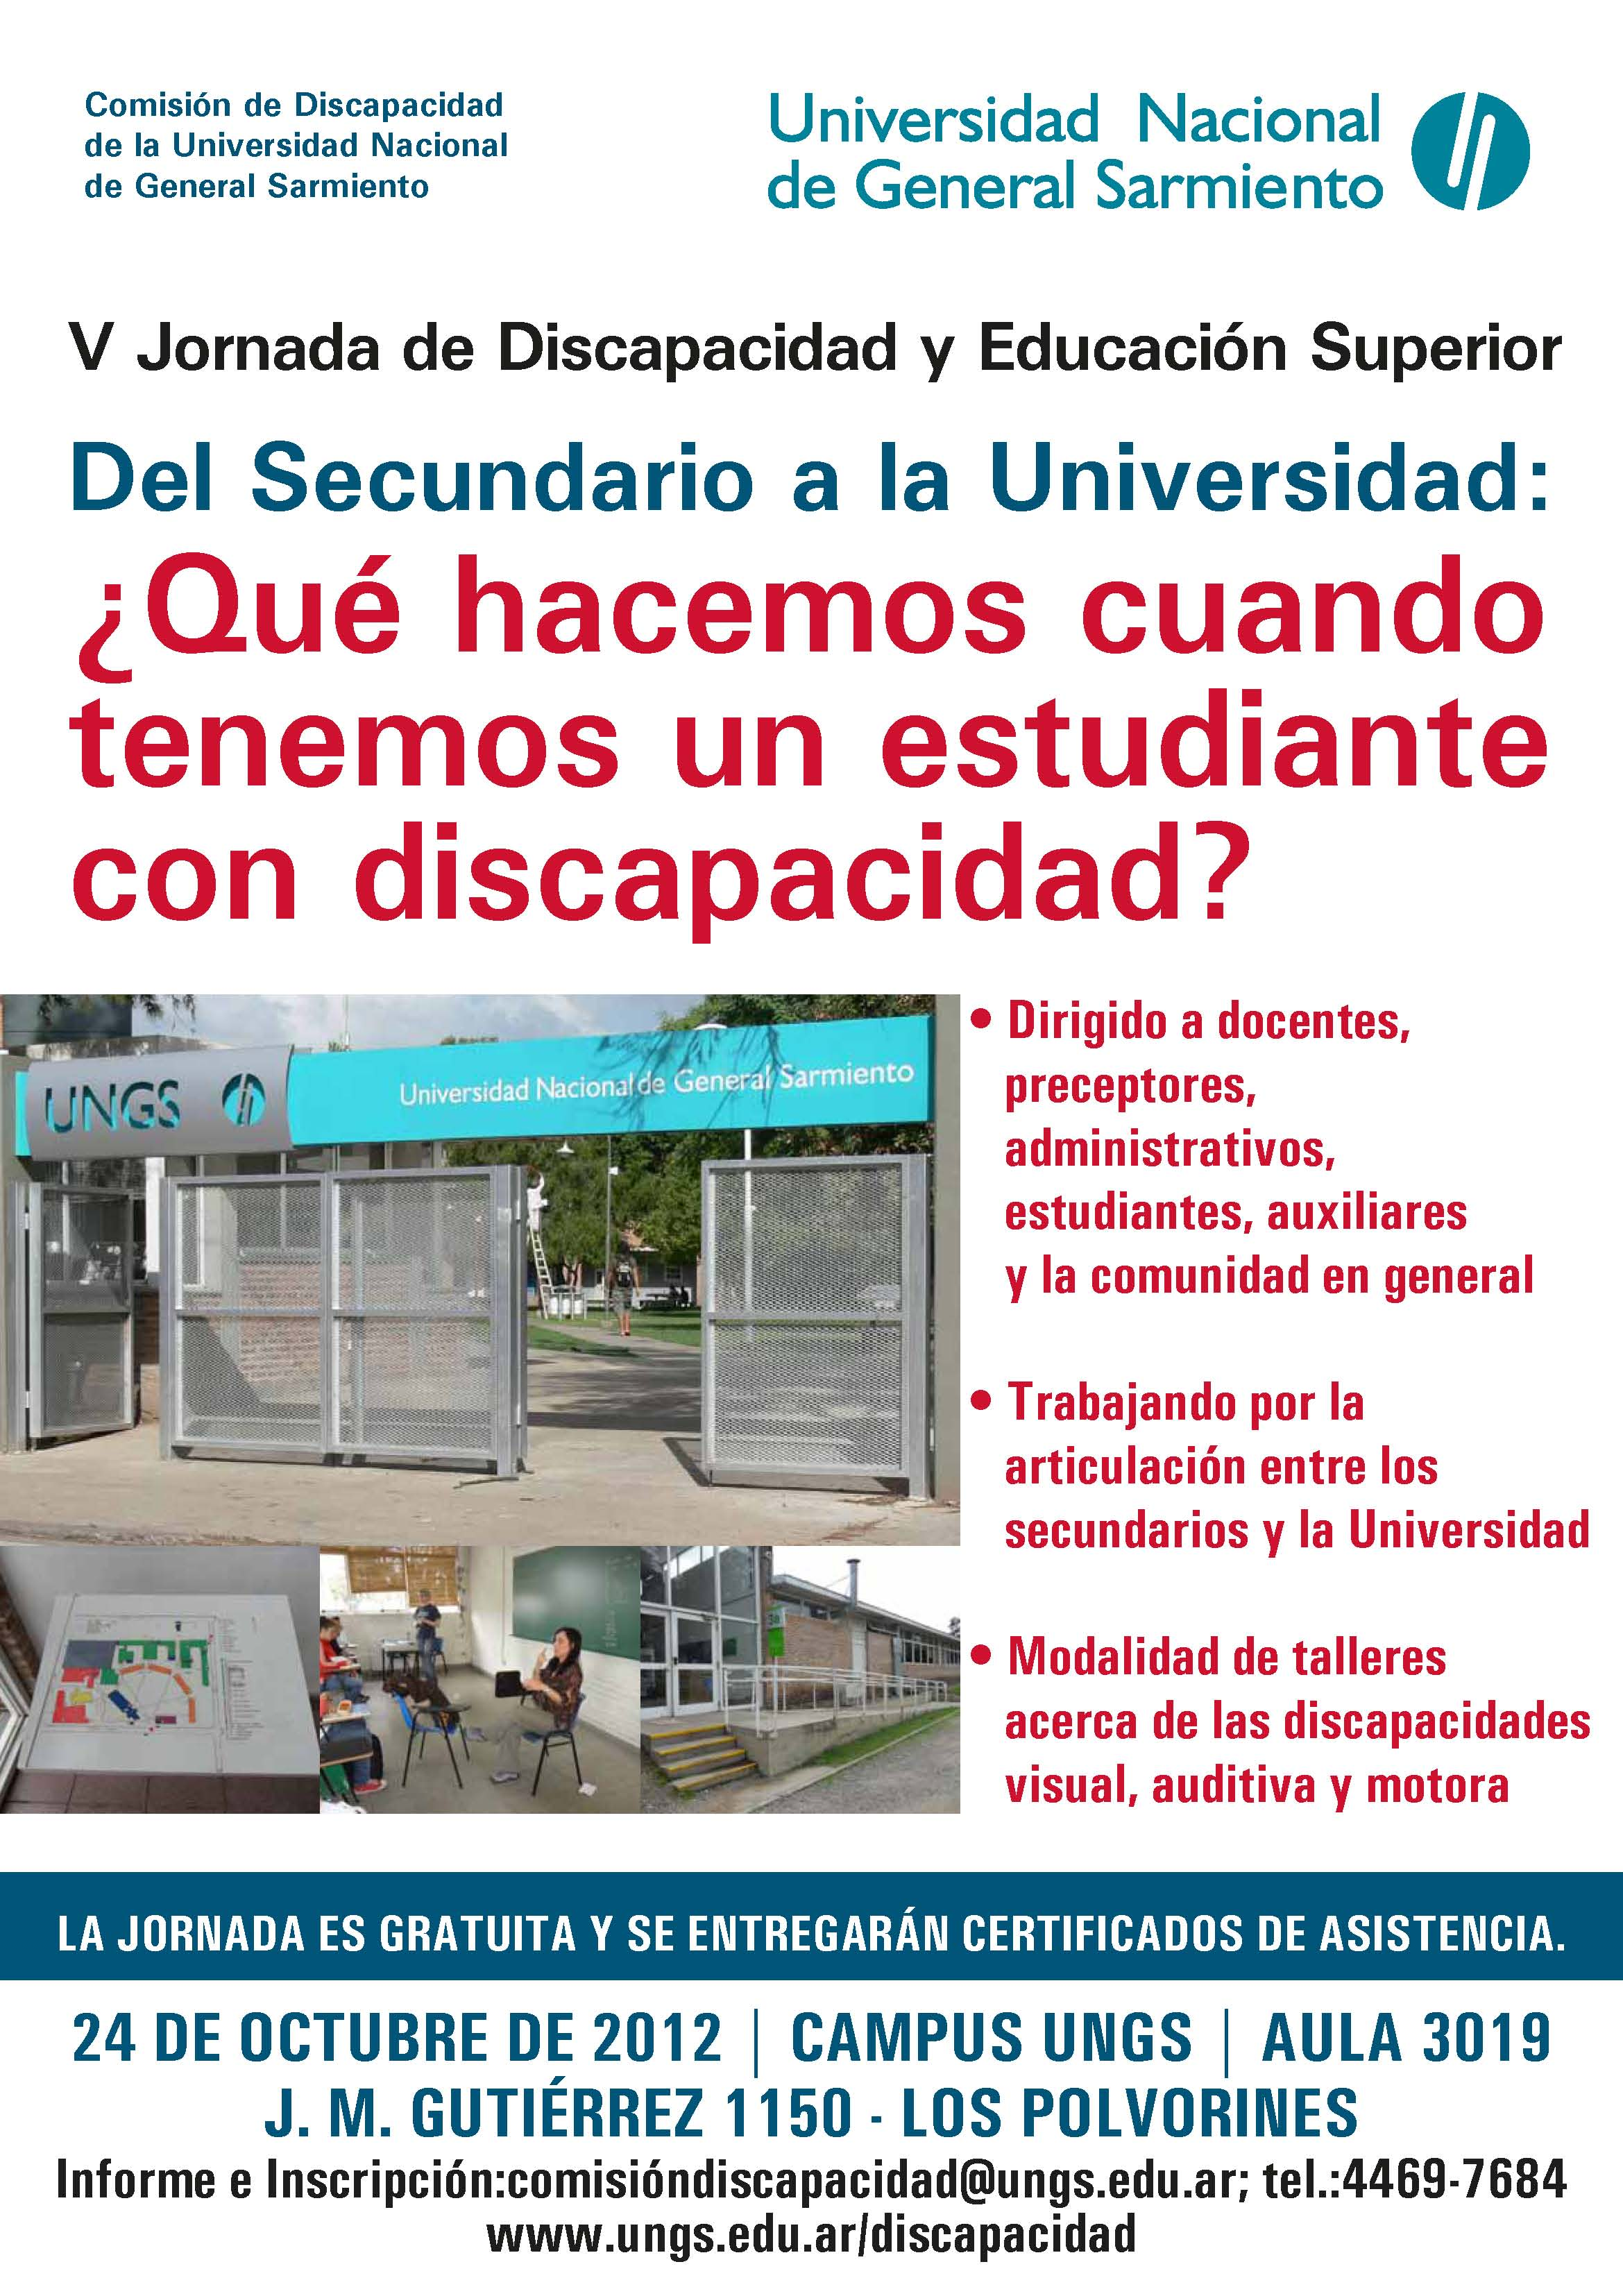 Imagen V Jornada de Discapacidad UNGS 2012